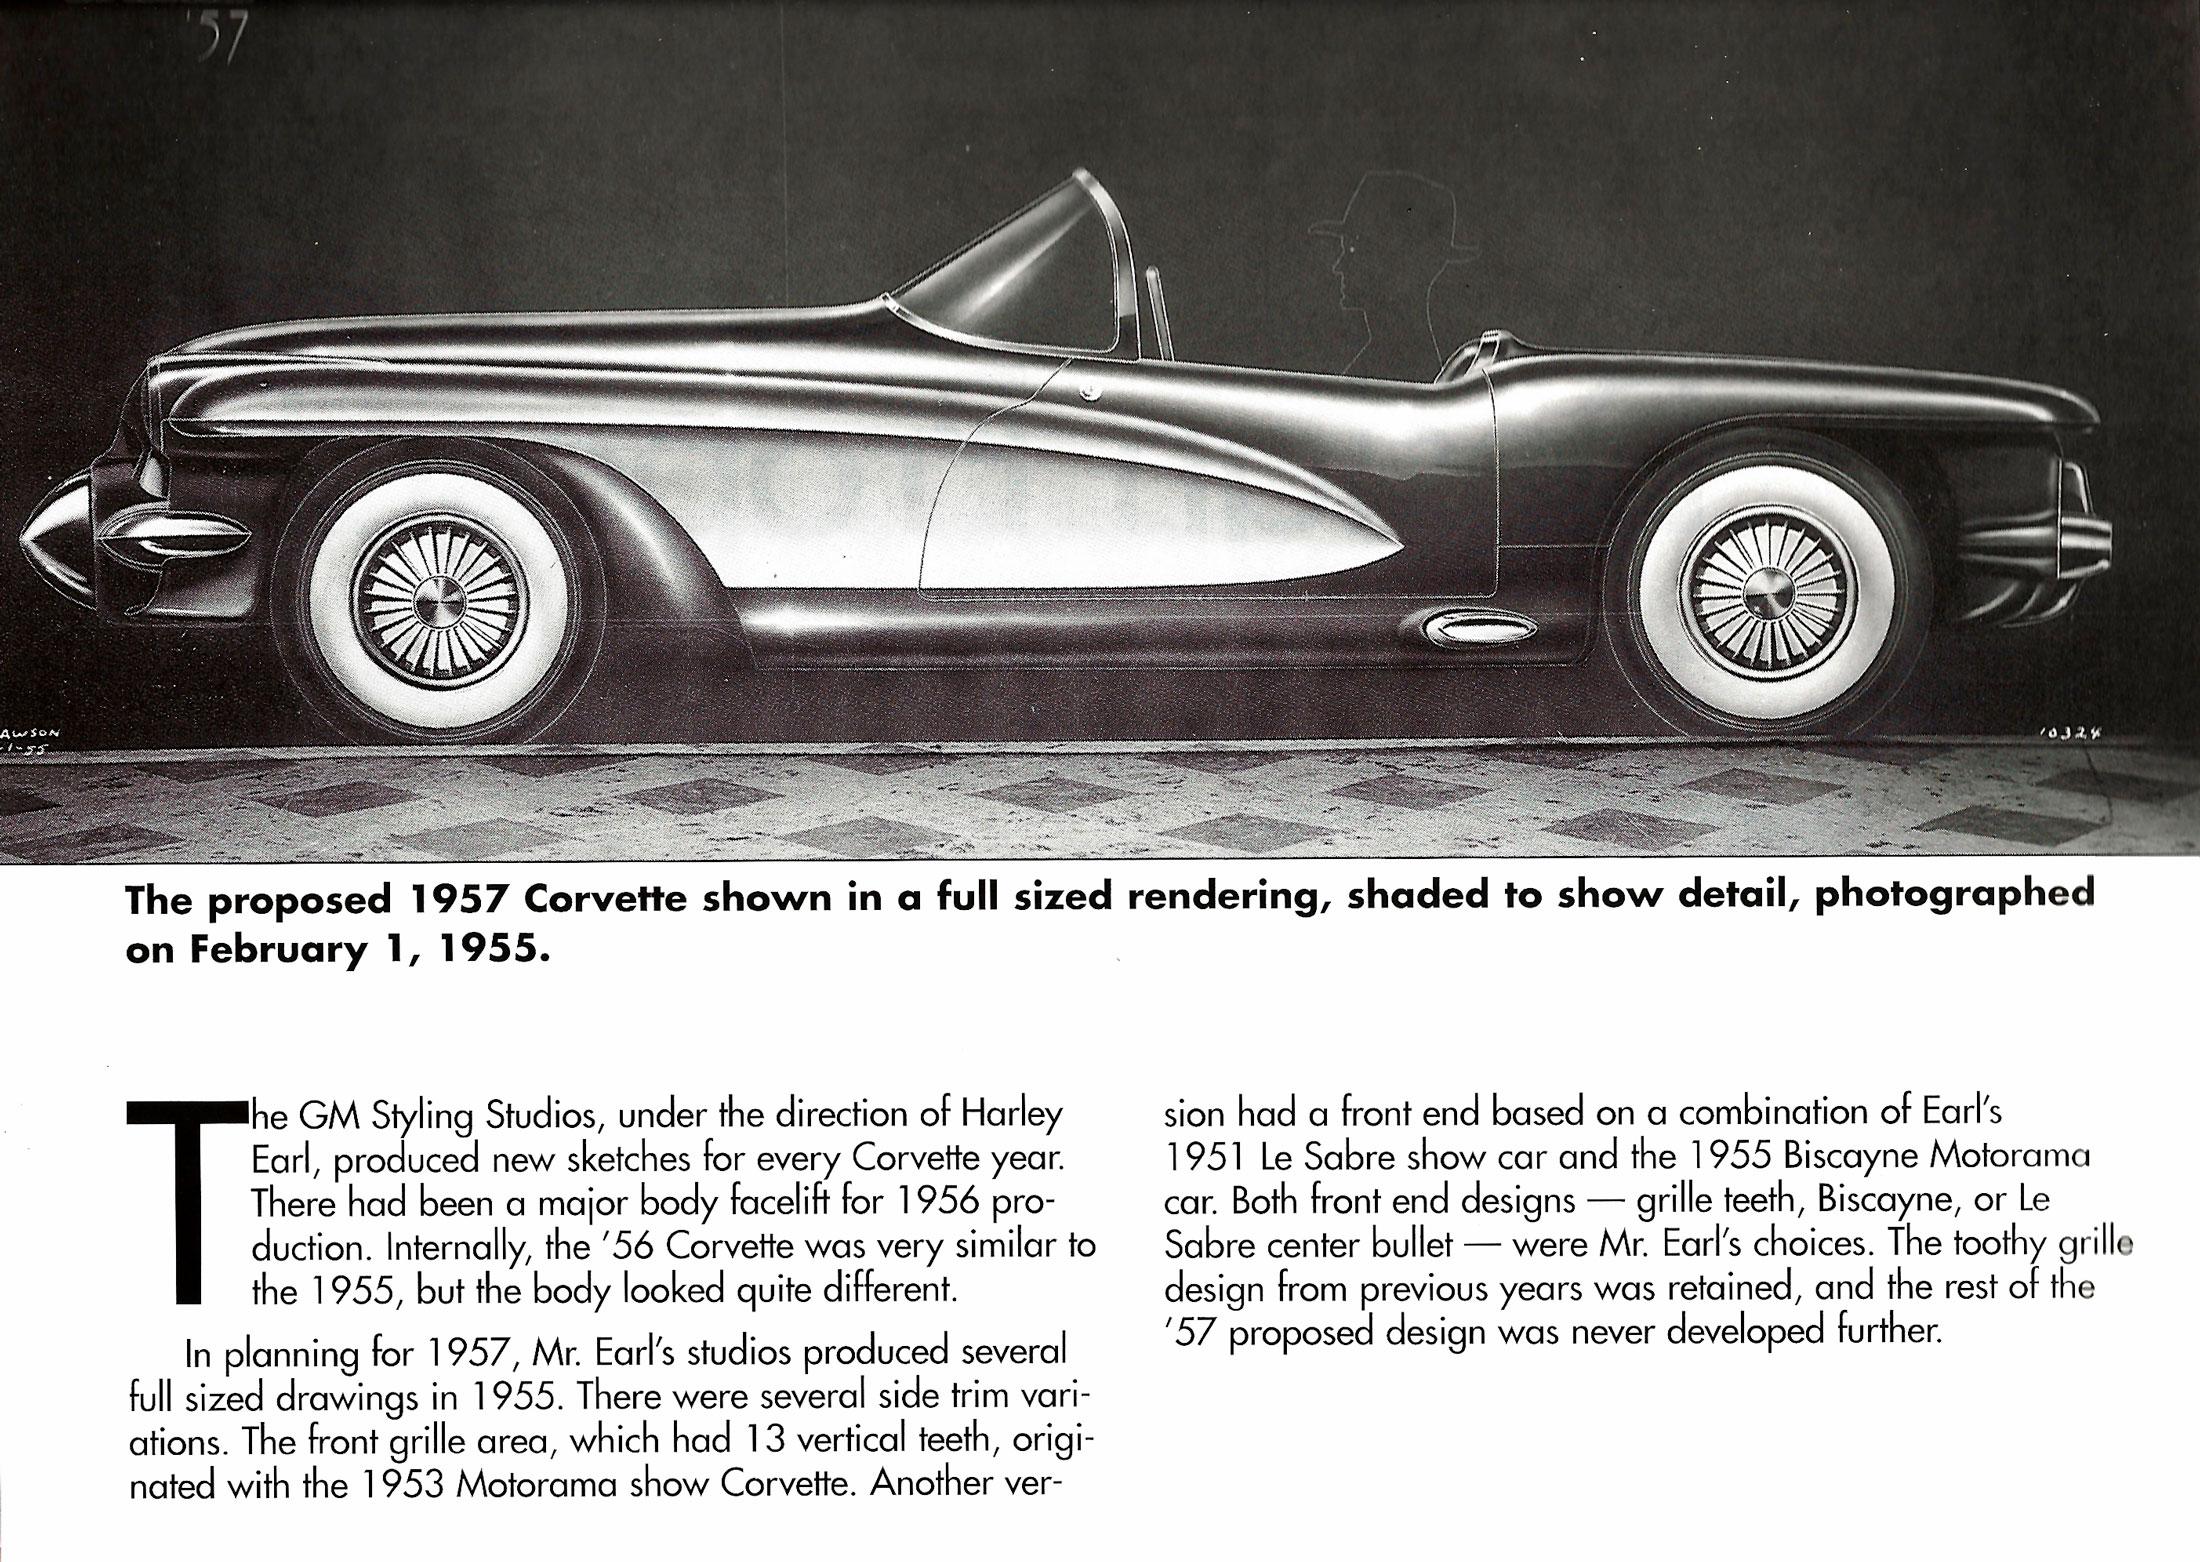 1957Corvette-1955LaSalleCorvetteAmericanLegend.jpg